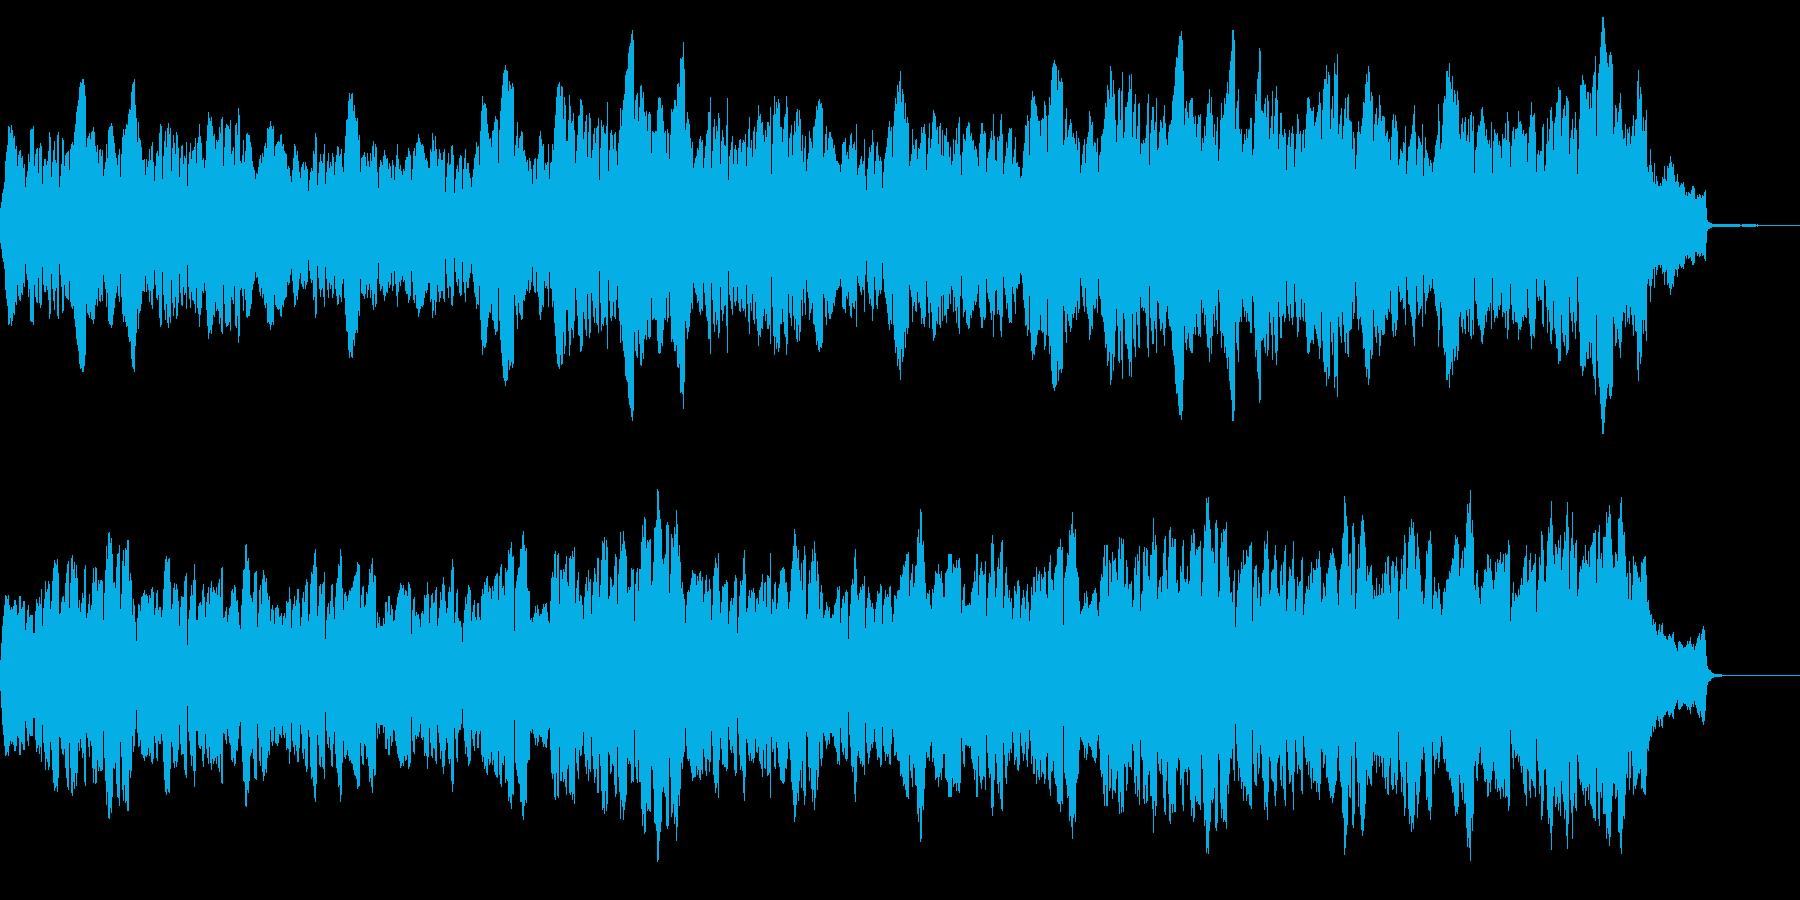 静かな繰り返しの柔らかいシンセとチェロの再生済みの波形